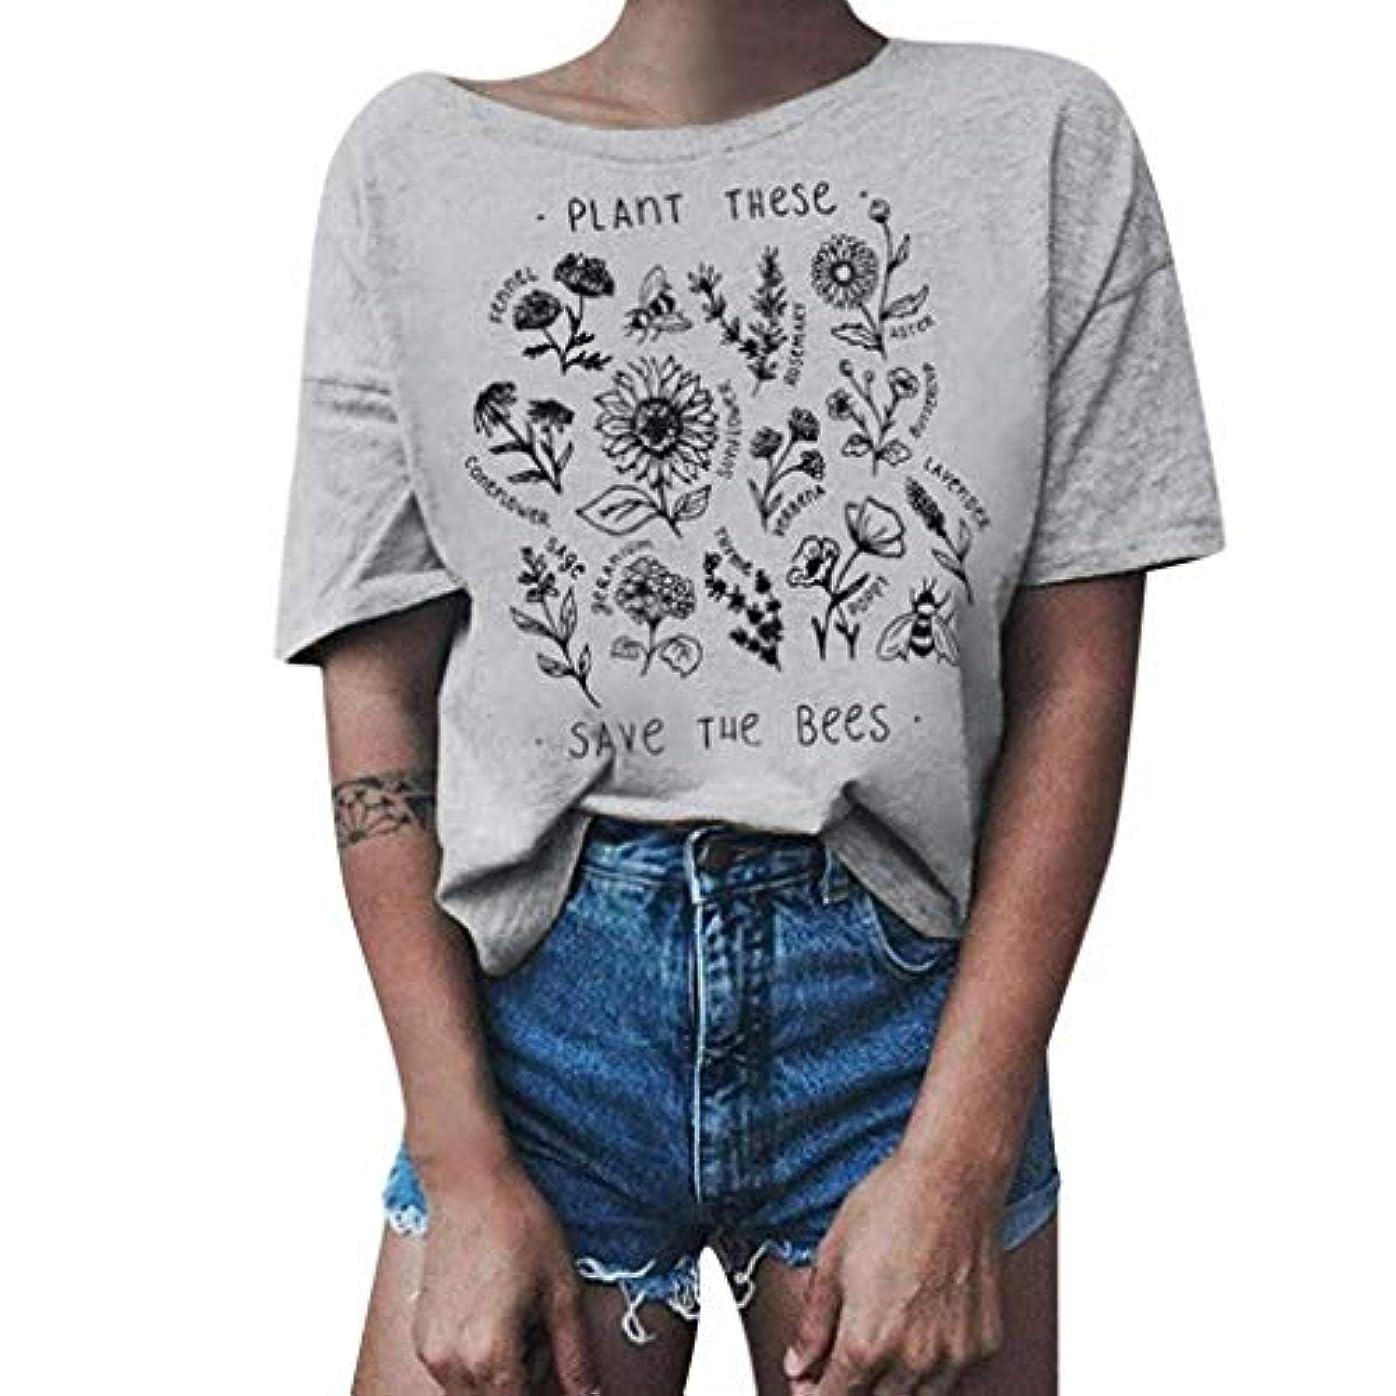 悪行まっすぐにする言及するTシャツ レディース 半袖 おおきいサイズ ビンテージ 花柄 ラウンドネック ビジネス 学生 洋服 お出かけ ワイシャツ 流行り ブラウス 軽い 柔らかい かっこいい カジュアル シンプル オシャレ 春夏 対応 可愛い 欧米風 日韓風